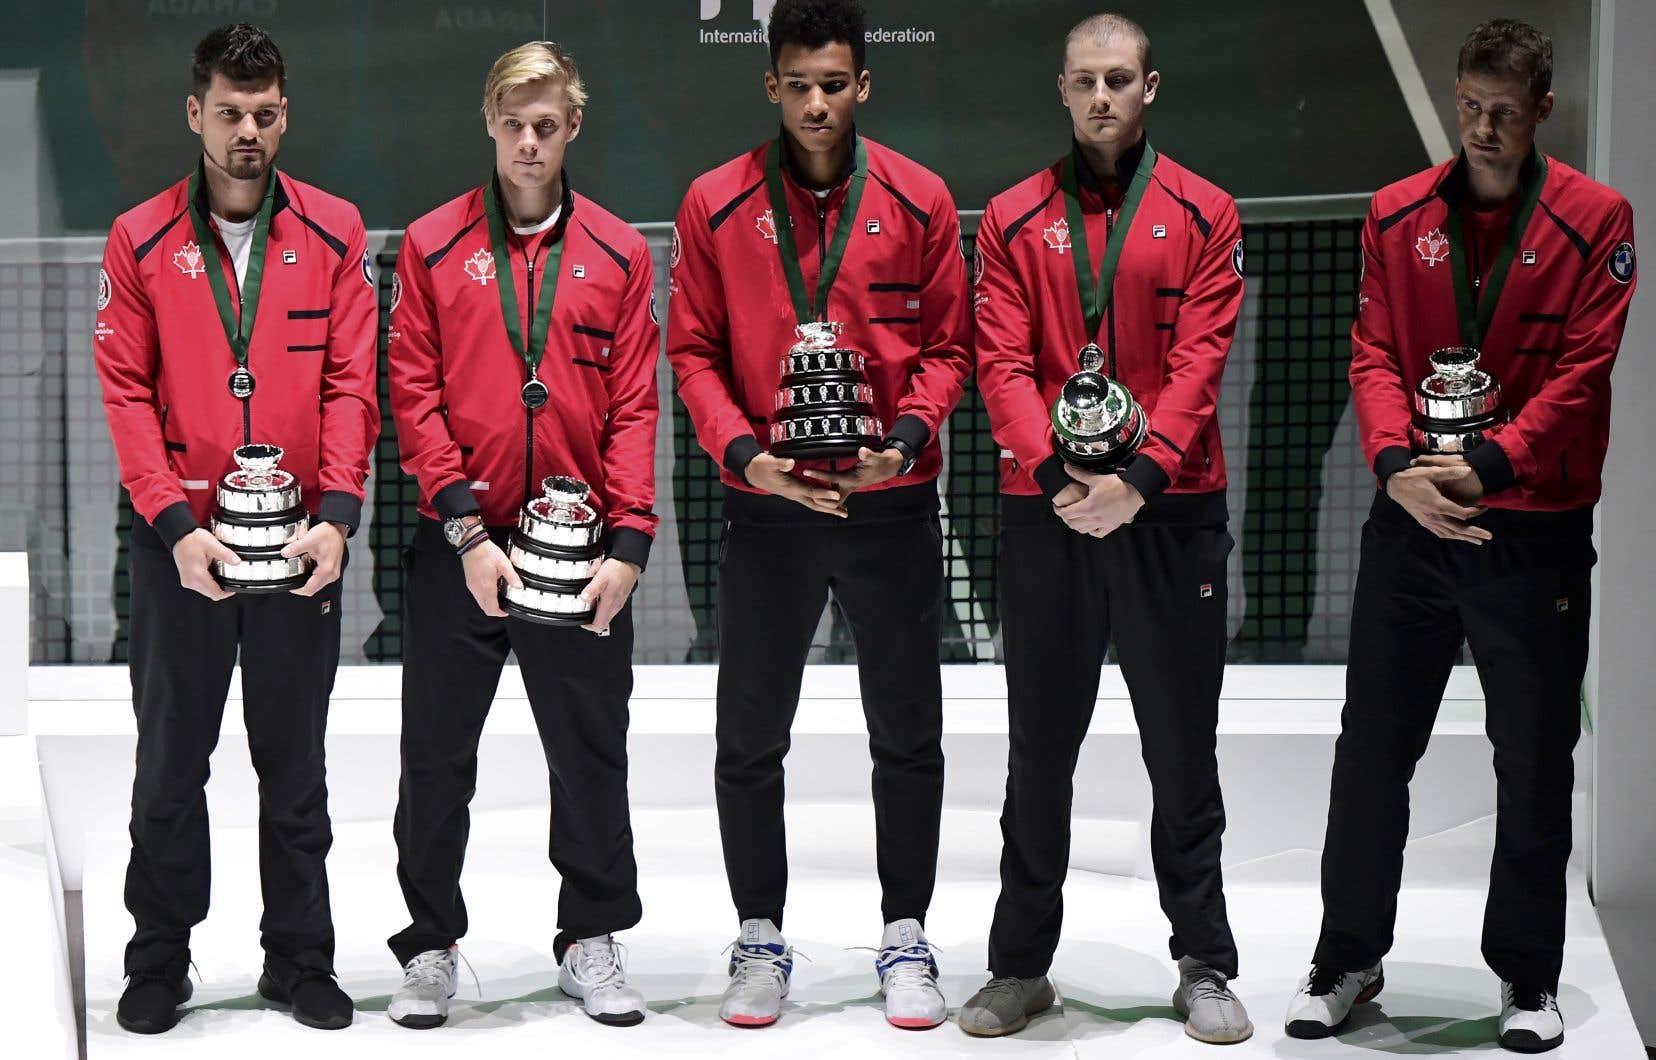 L'équipe canadienne, de gauche à droite: le capitaine, Frank Dancevic, et ses joueurs, Denis Shapovalov, Félix Auger-Aliassime, Brayden Schnur et Vasek Pospisil